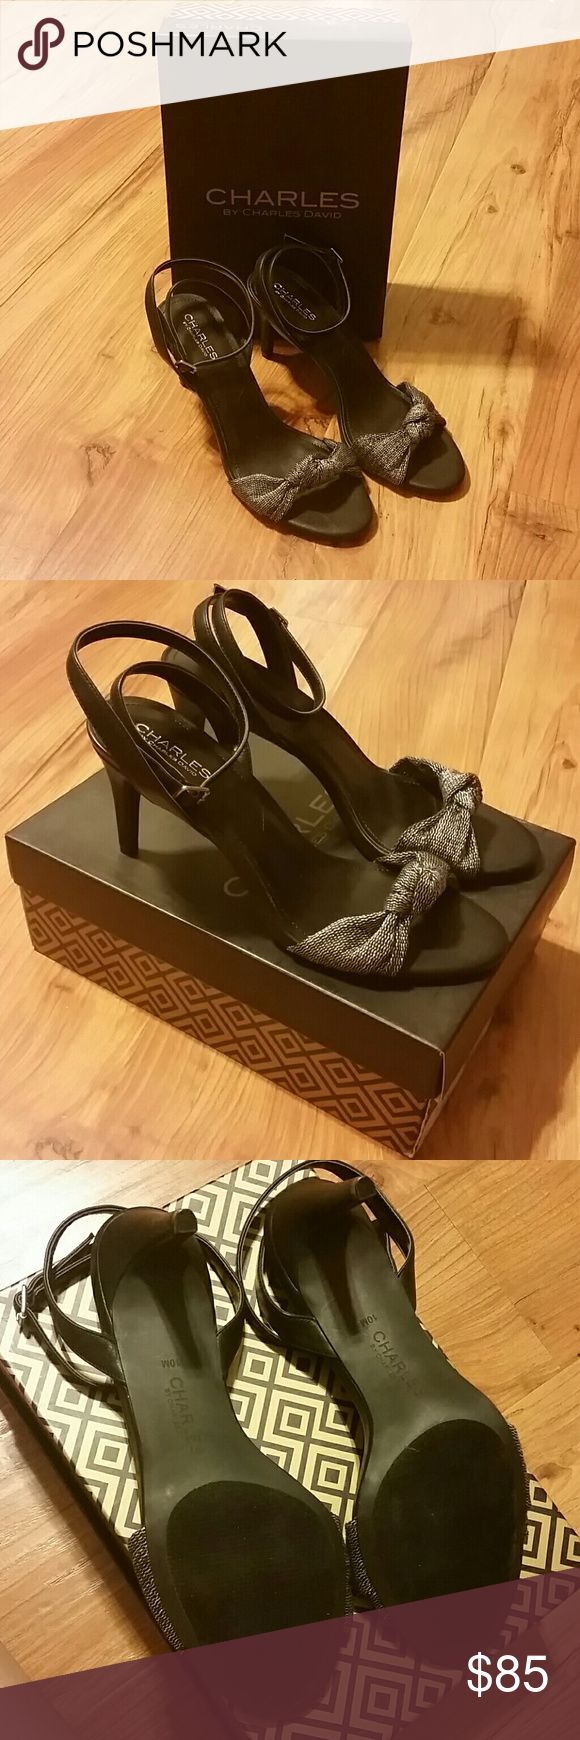 Charles by Charles David black & metallic heels Brand NIB Charles by Charles David Zoo heel. Charles David Shoes Heels